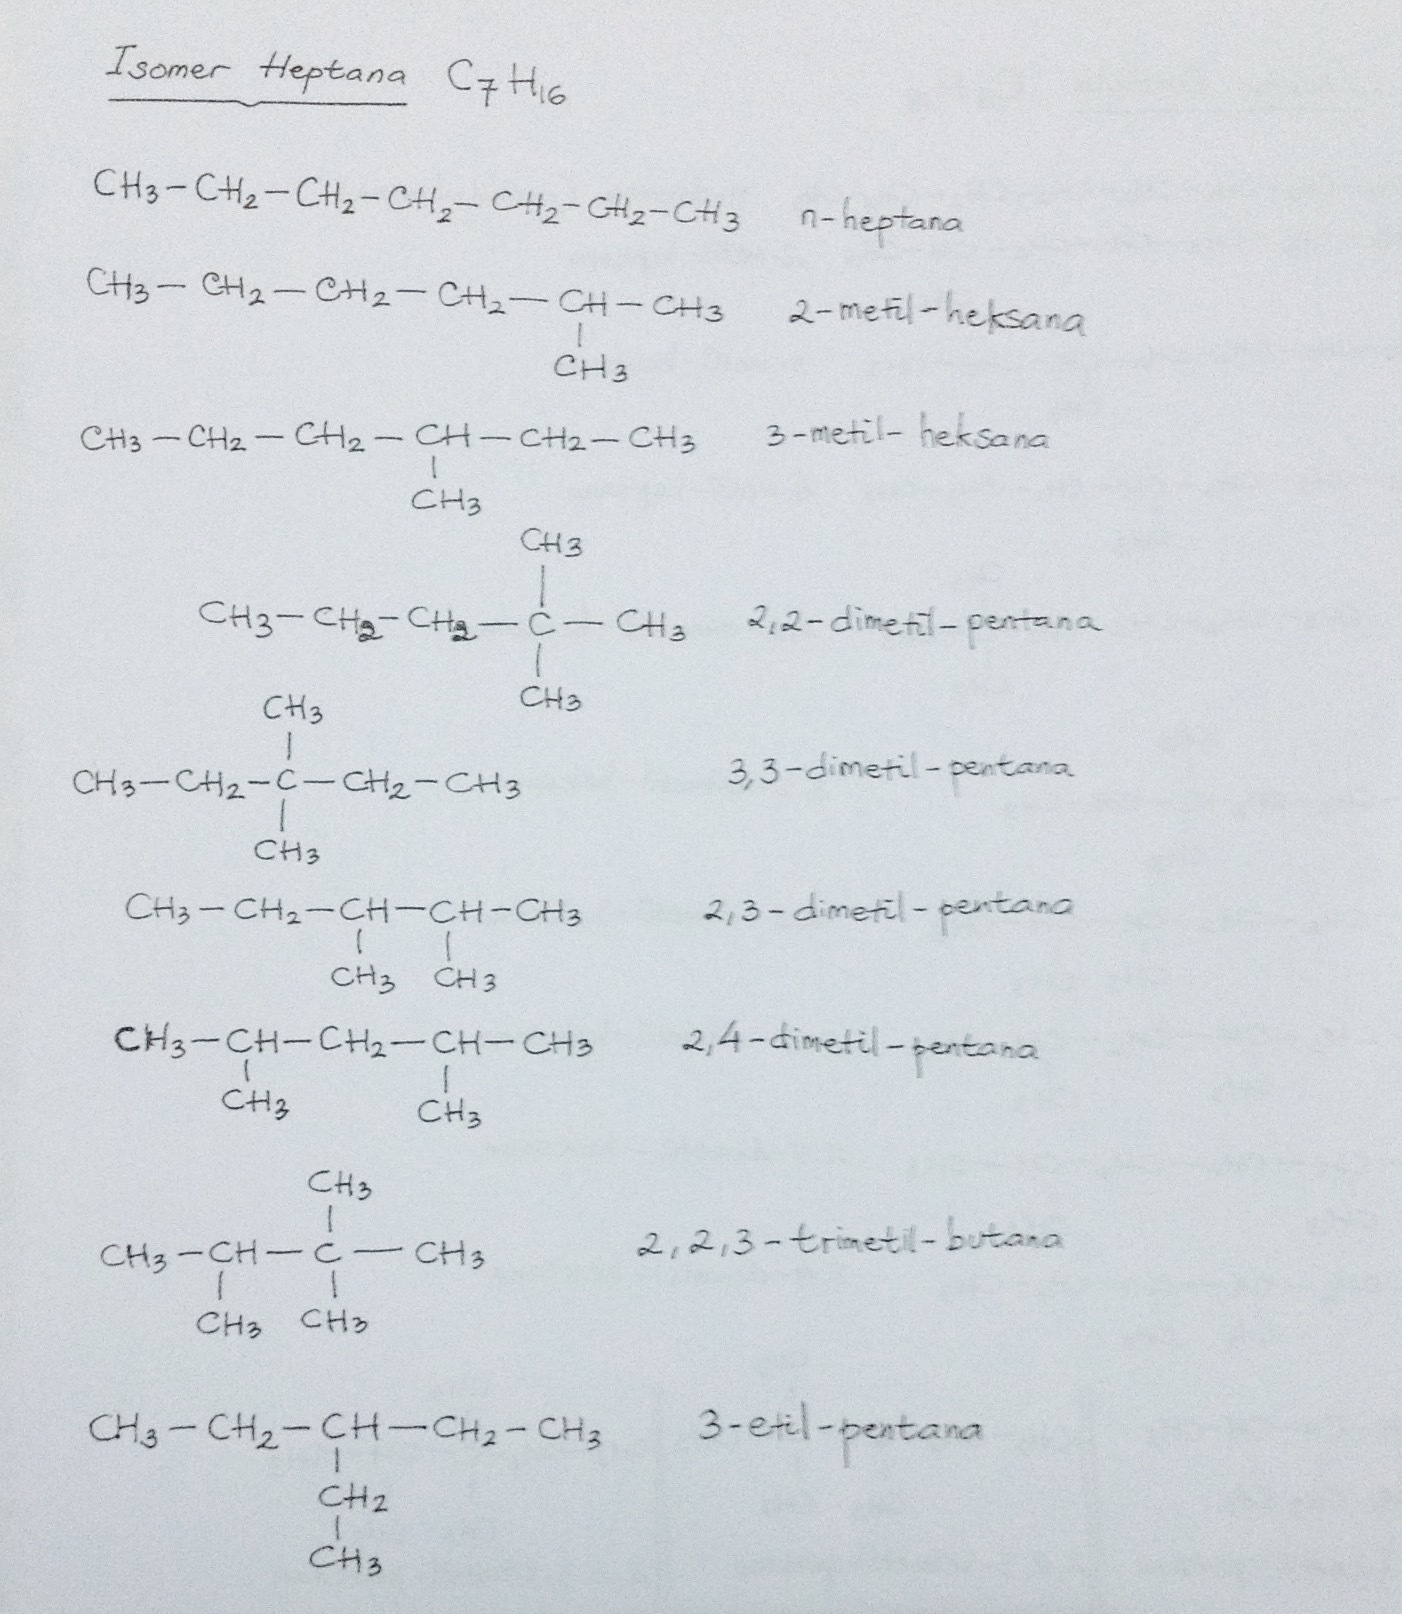 tuliskan isomer dari senyawa heptana dan oktana - Brainly ...